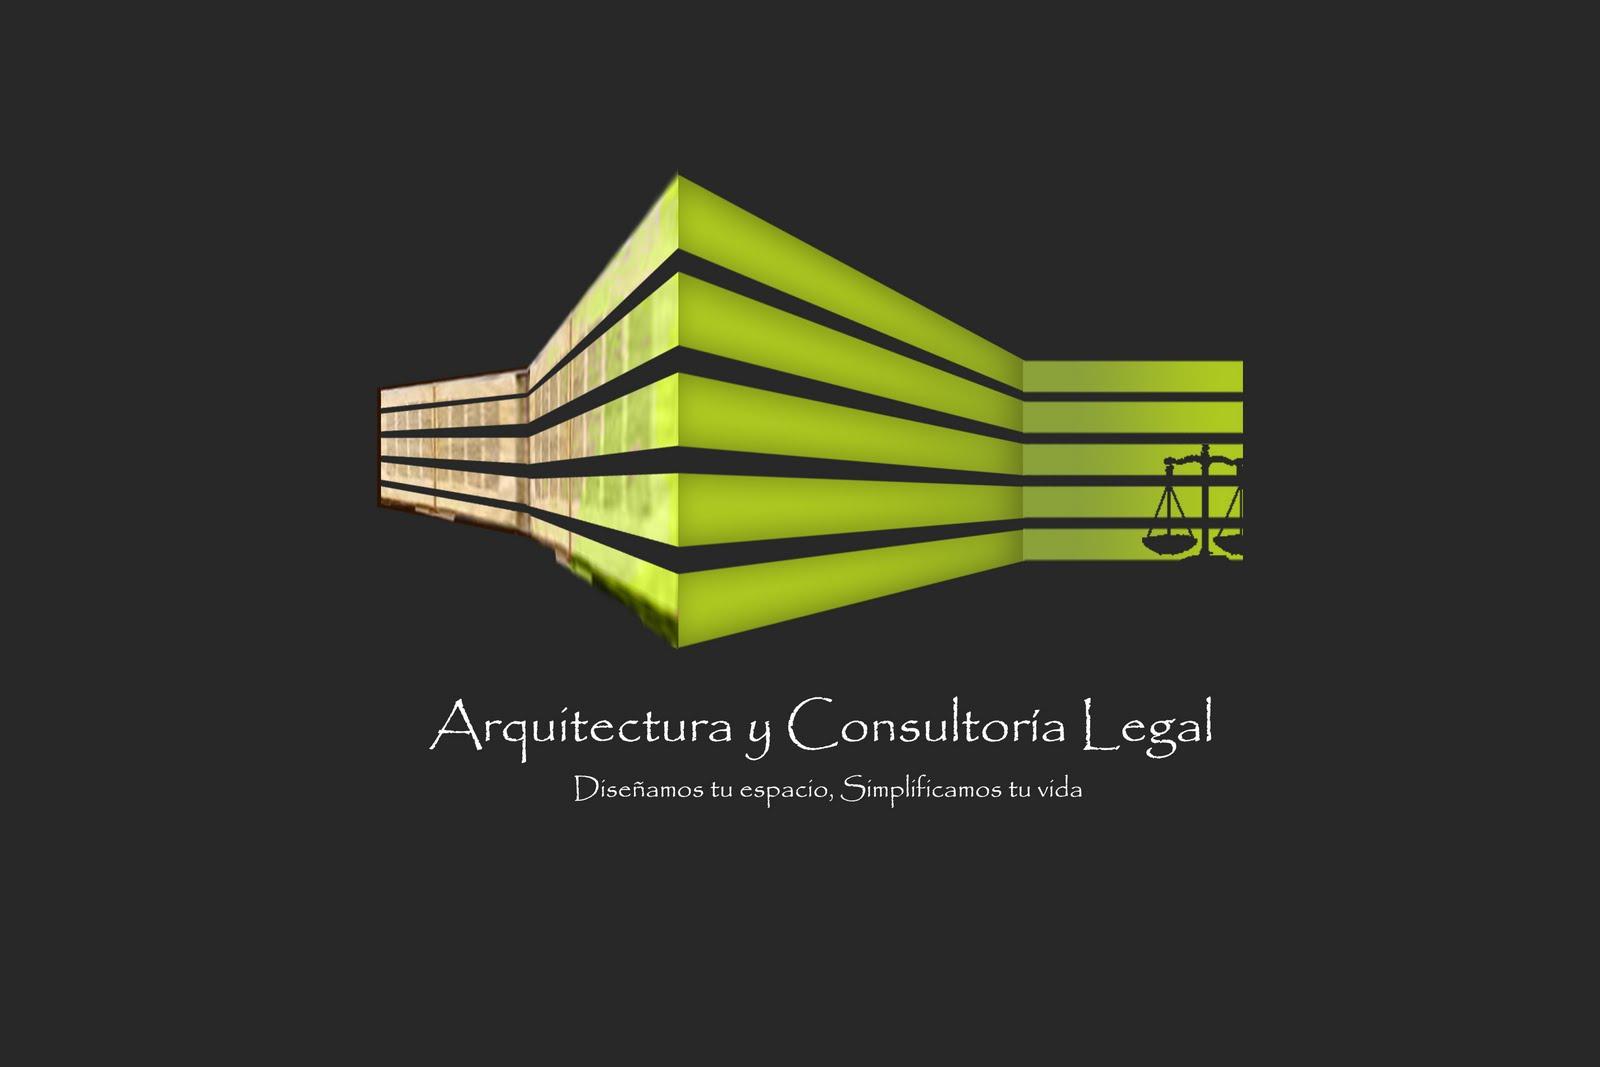 Arquitectura y consultoria legal servicios for Imagenes de arquitectura